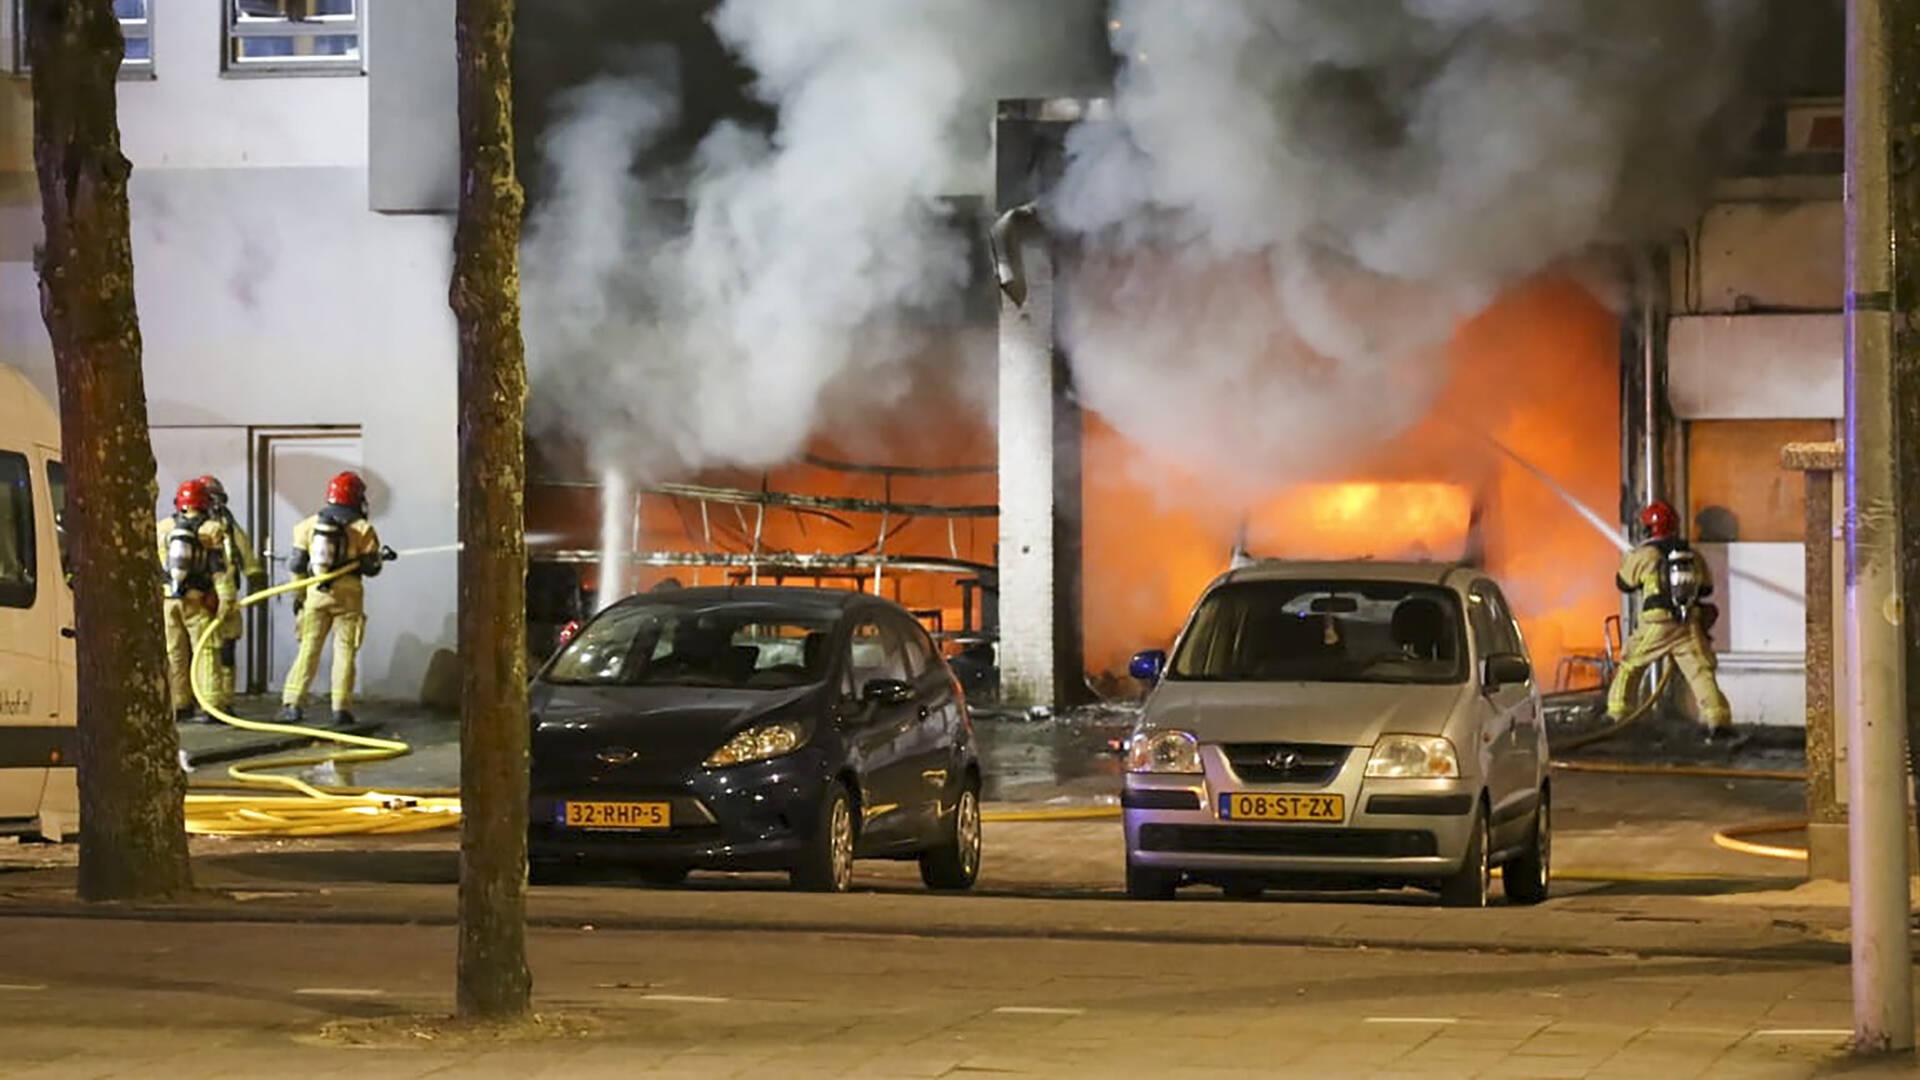 إخلاء عدد من المنازل في غرب Amsterdam بعد حريق كبير في متجر للأغراض المستعملة